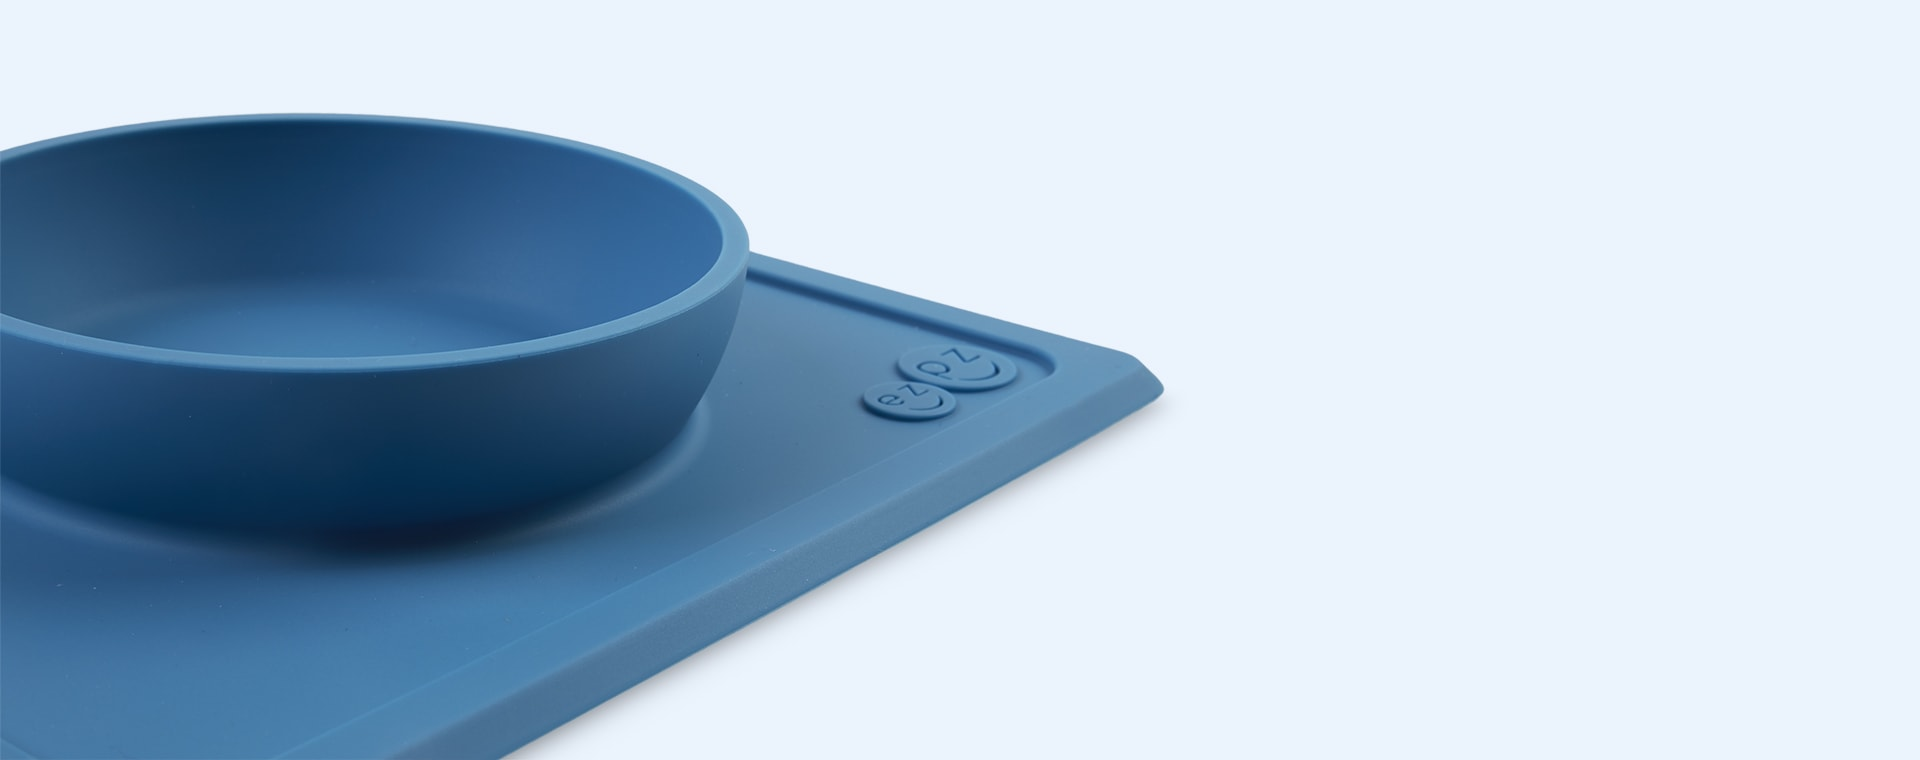 Blue EZPZ Mini Bowl